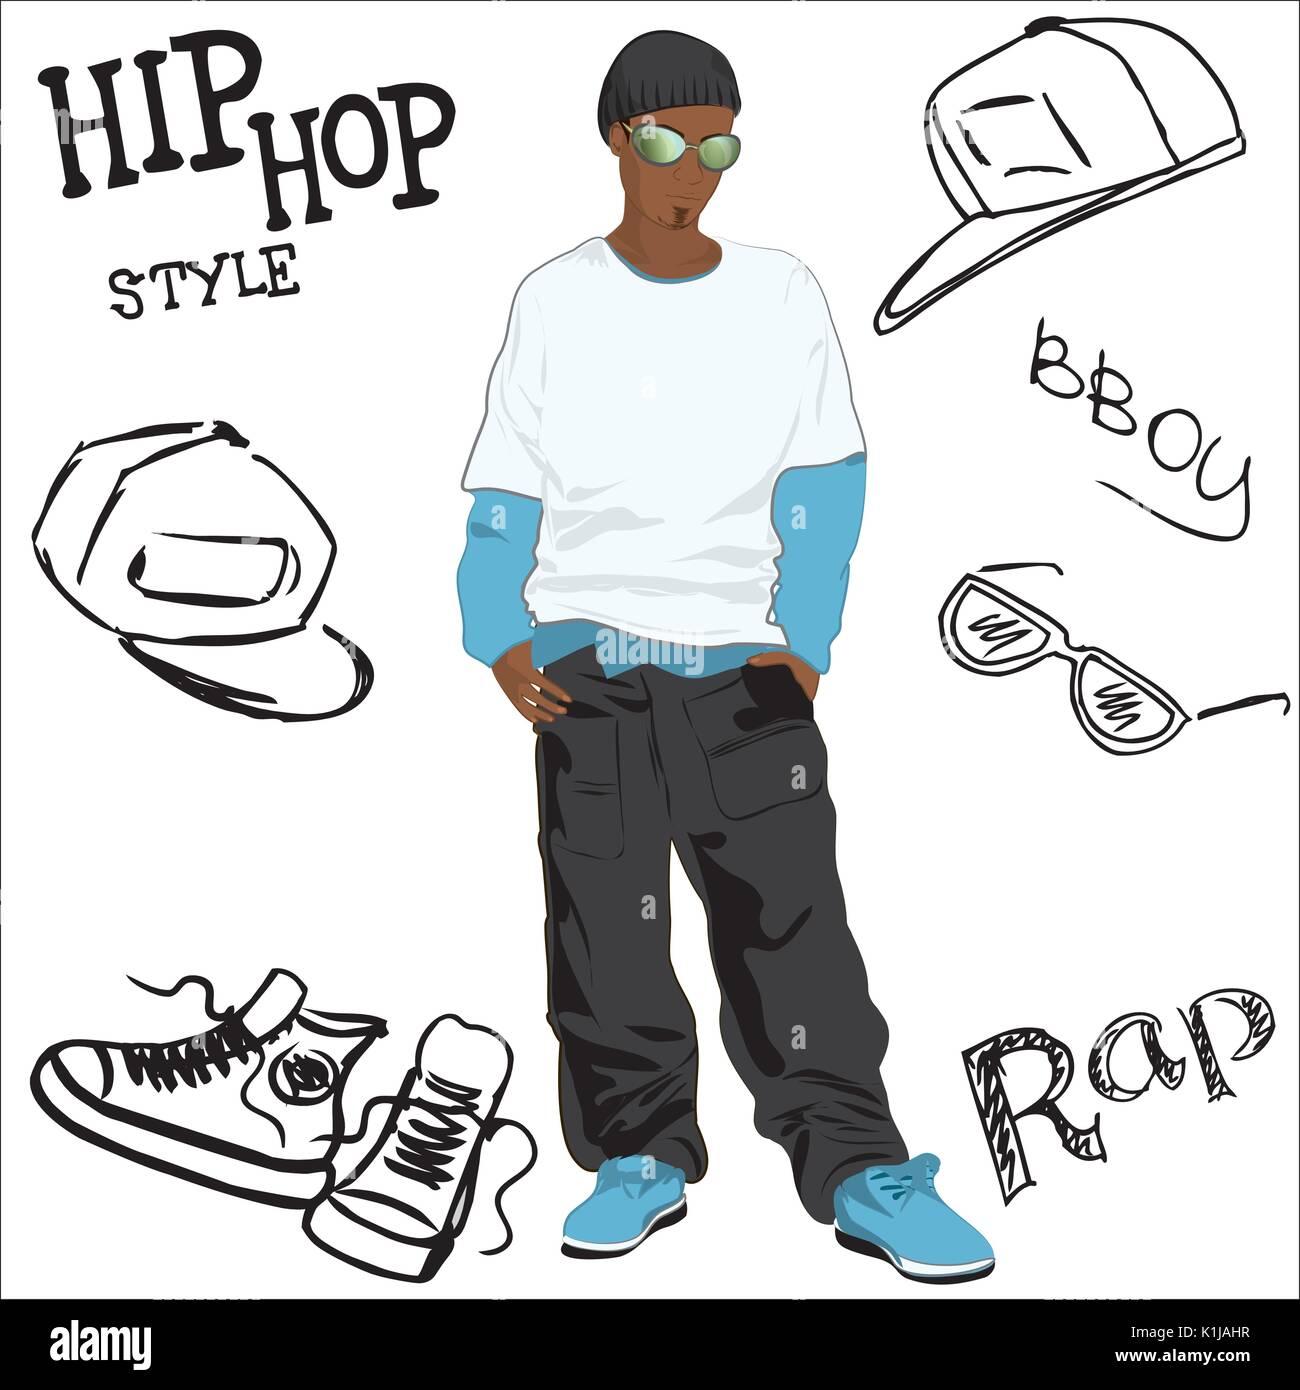 super popular 5370f f9438 Afro-americano di uomo vestito da rapper e trendy hip hop ...